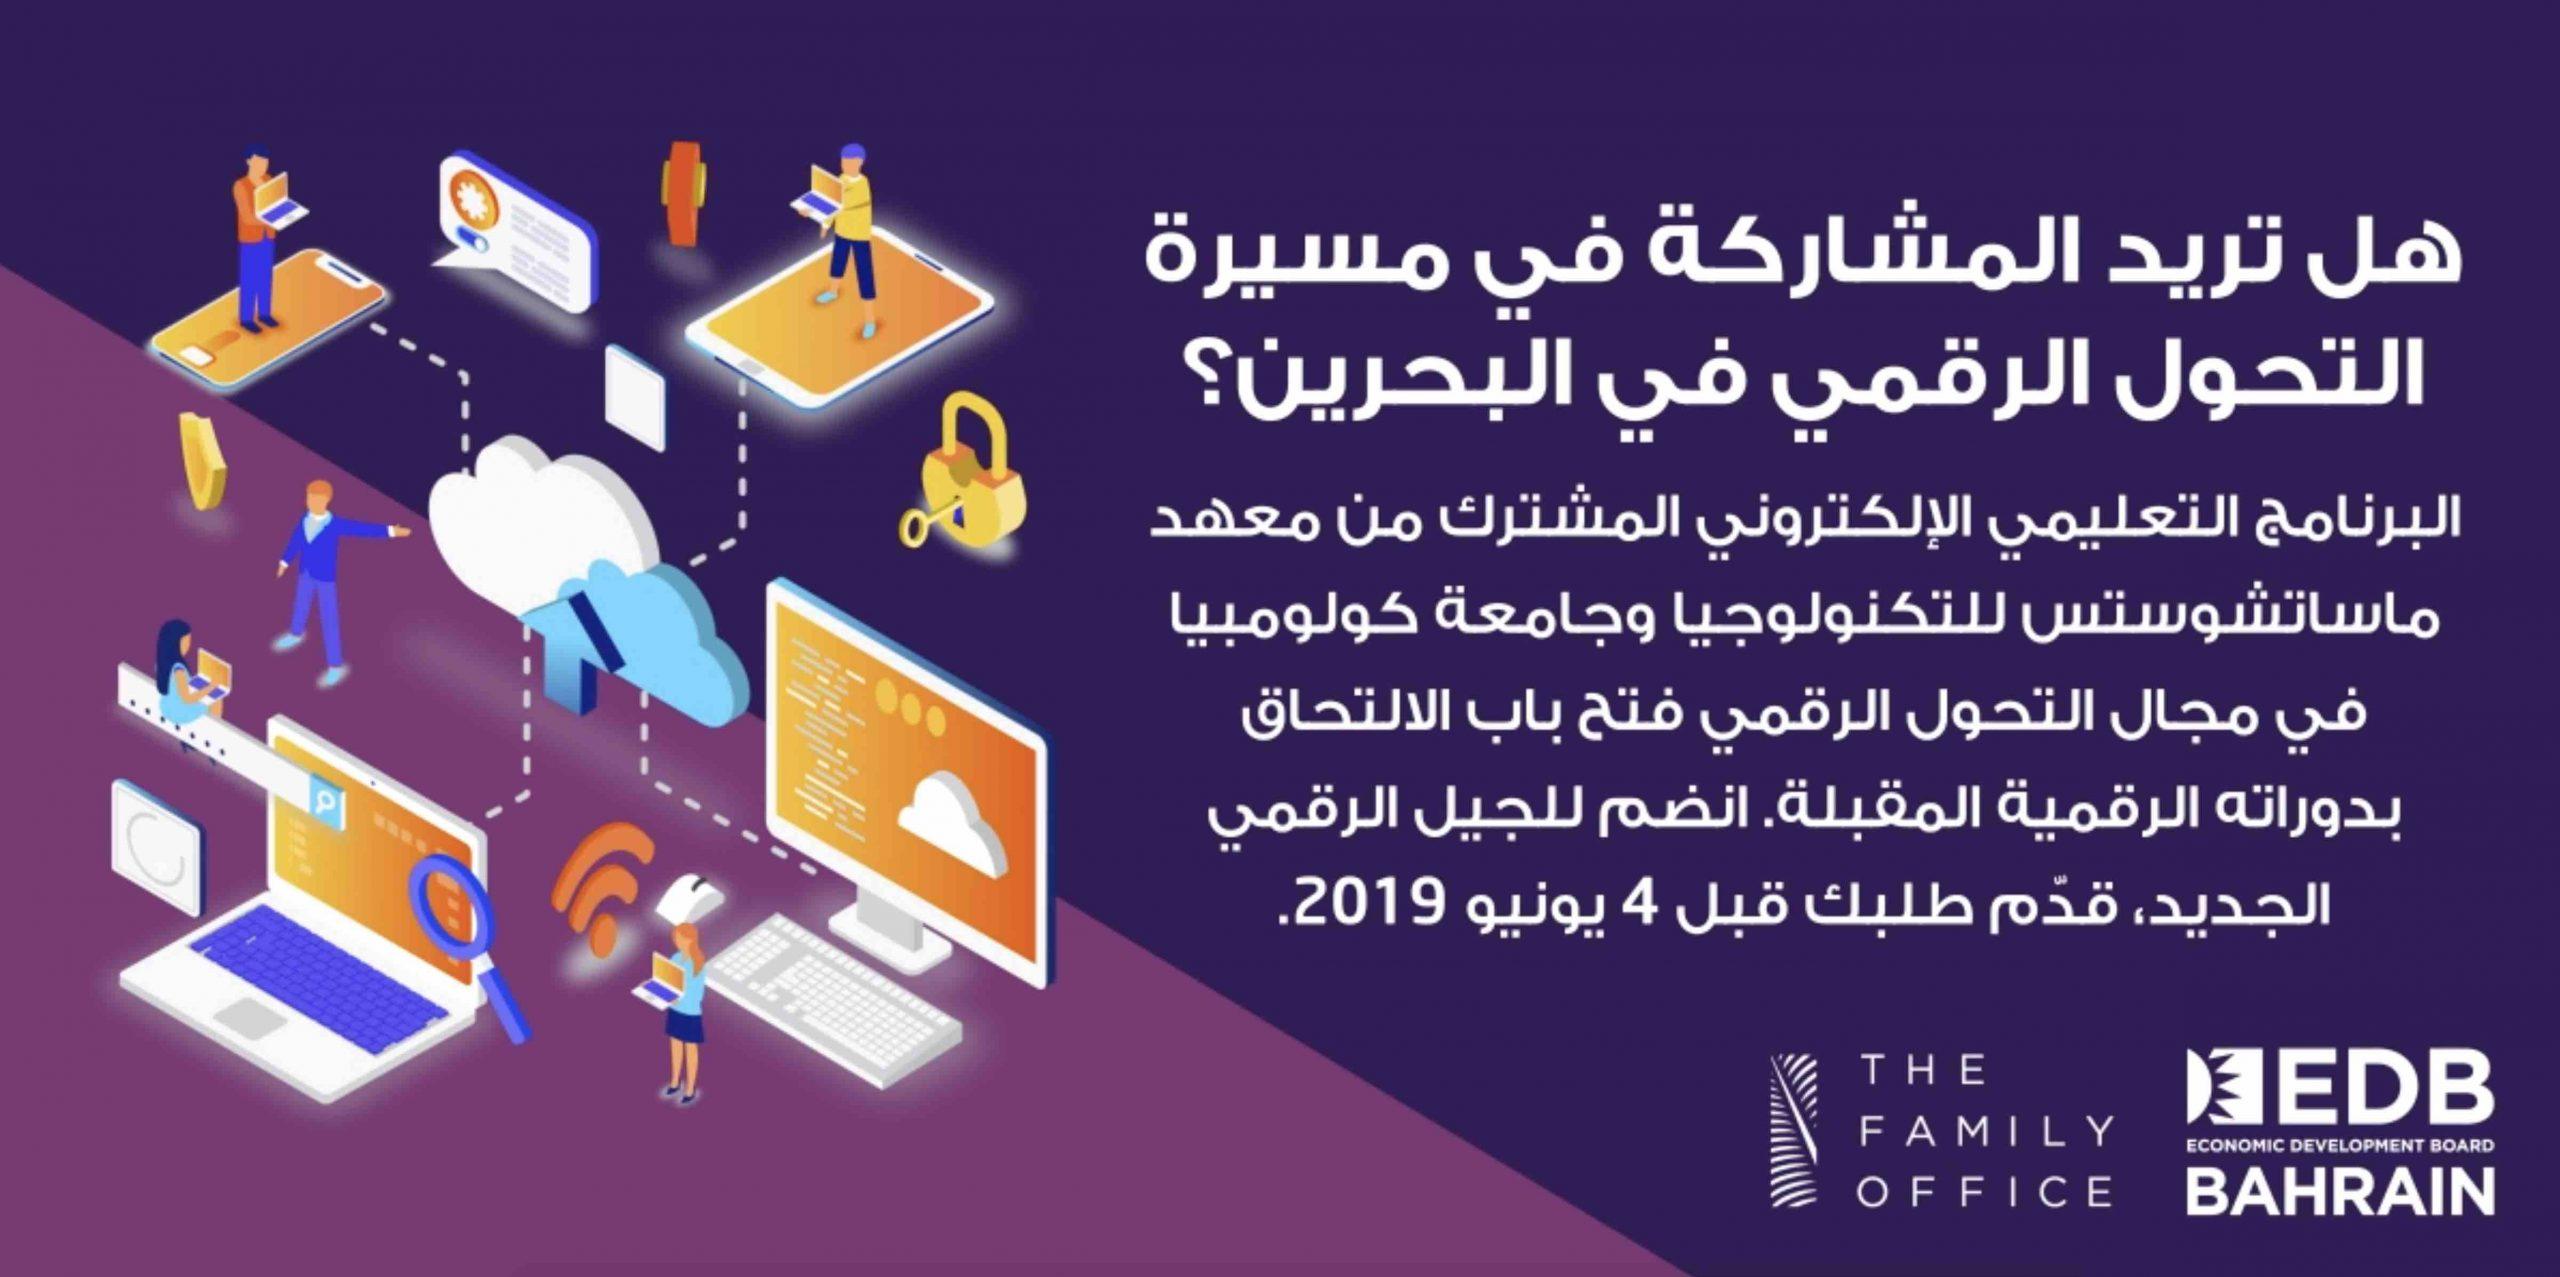 """مبادرة بين مجلس التنمية الاقتصادية و""""The Family Office"""" لتدريب 100 بحريني في التحول الرقمي"""